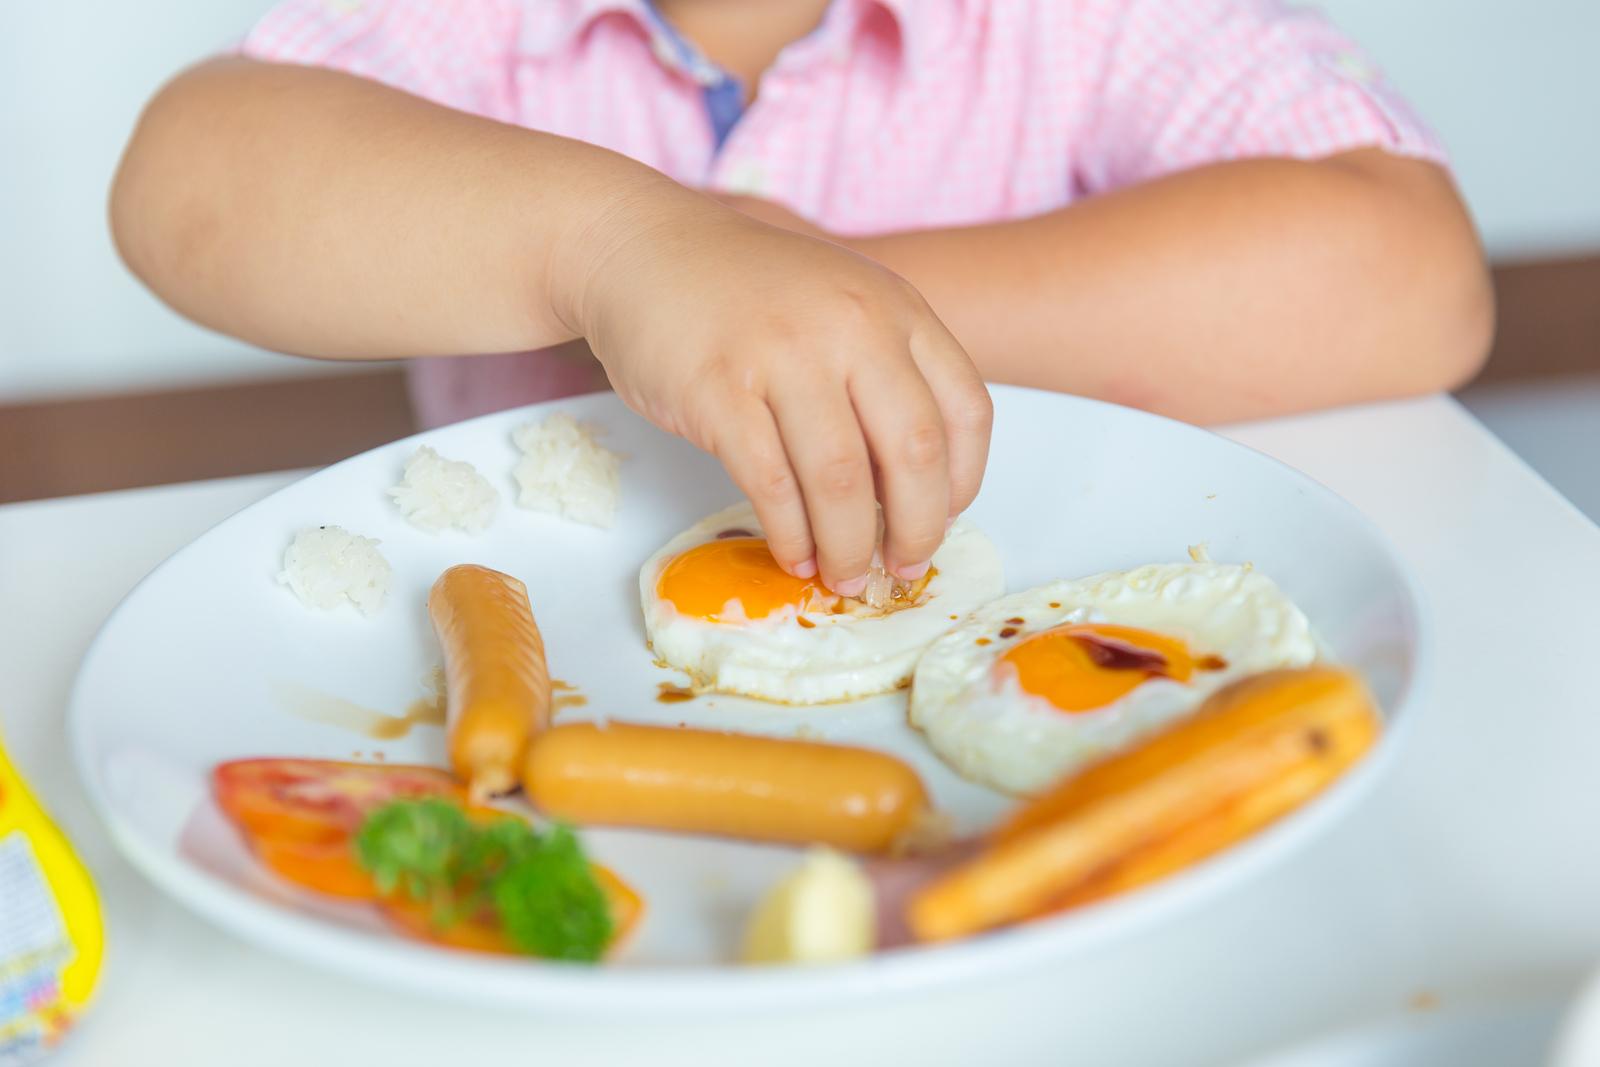 Kinderdiät, um Gewicht zu verlieren